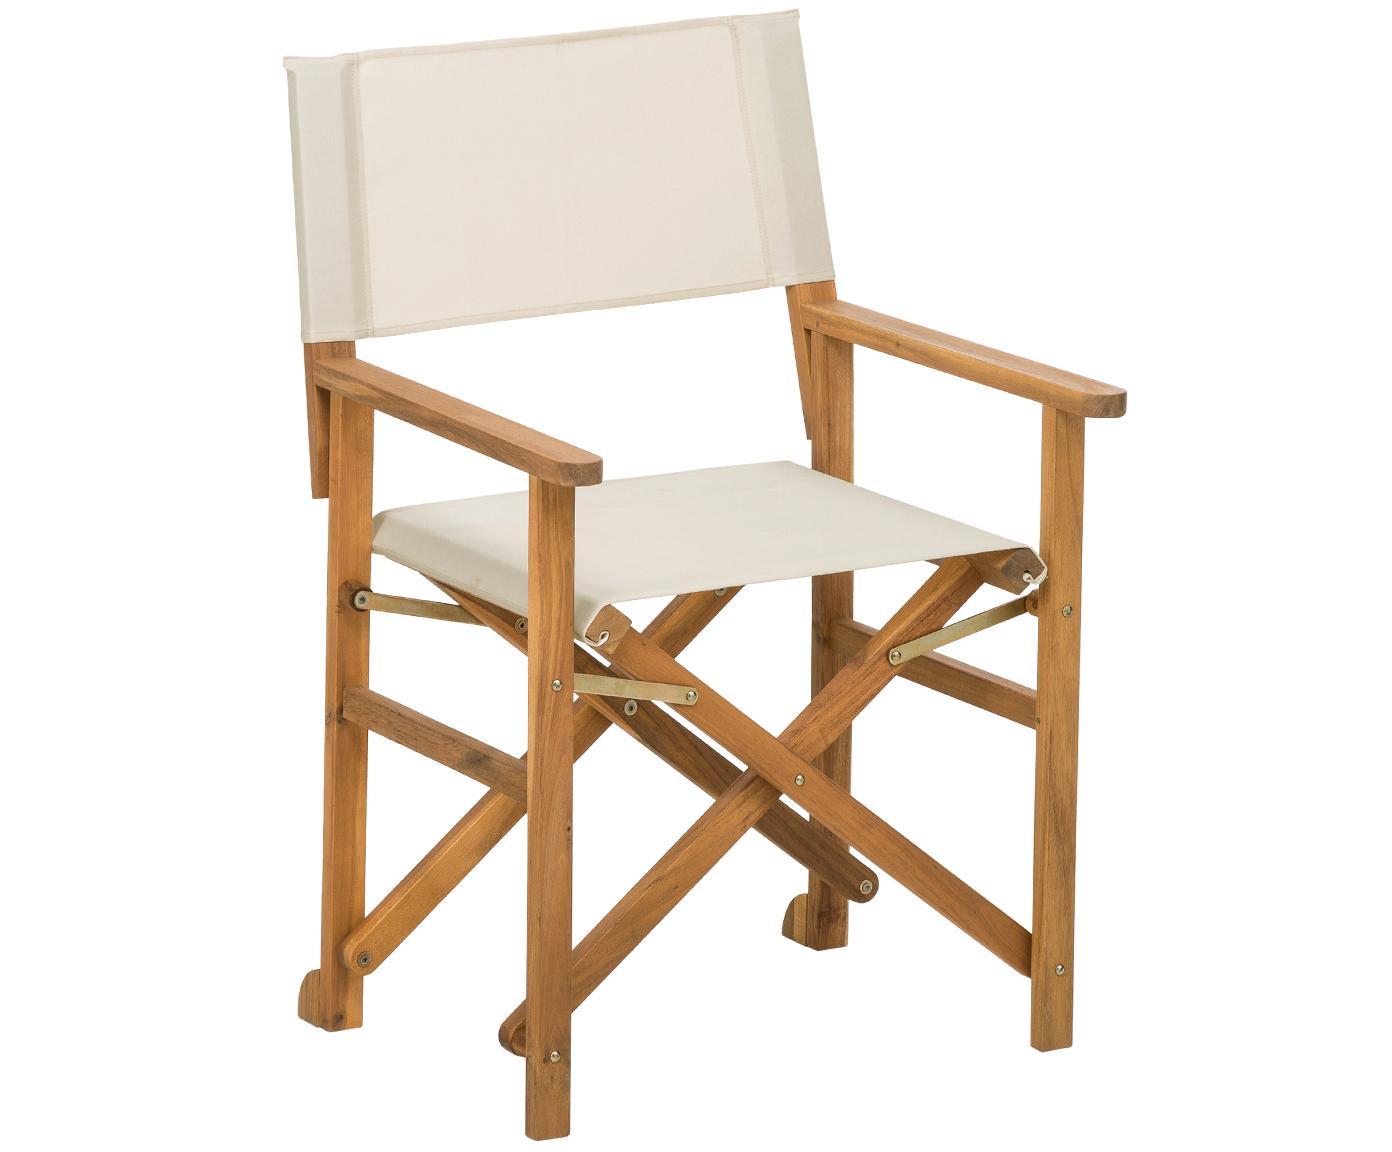 Krzesło reżysera Zoe, Stelaż: drewno akacjowe, olejowan, Biały, S 59 x G 91 cm